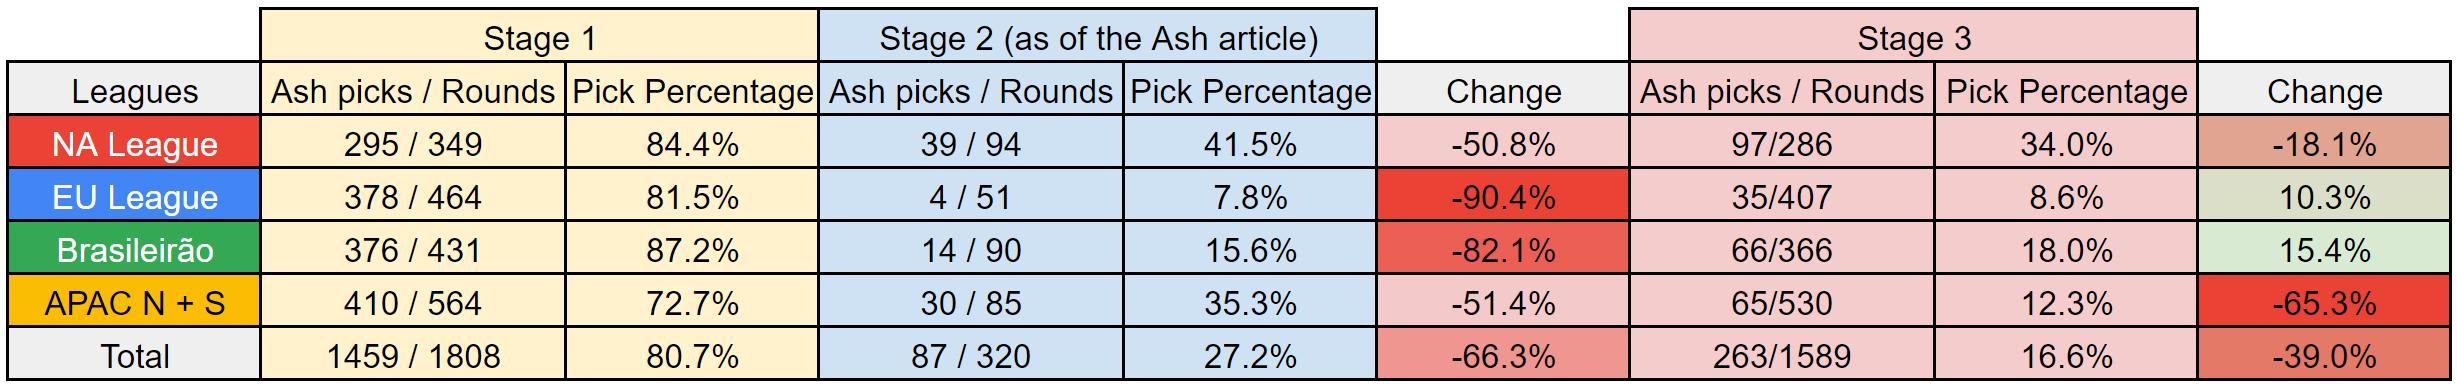 Ash's pick rate in each region